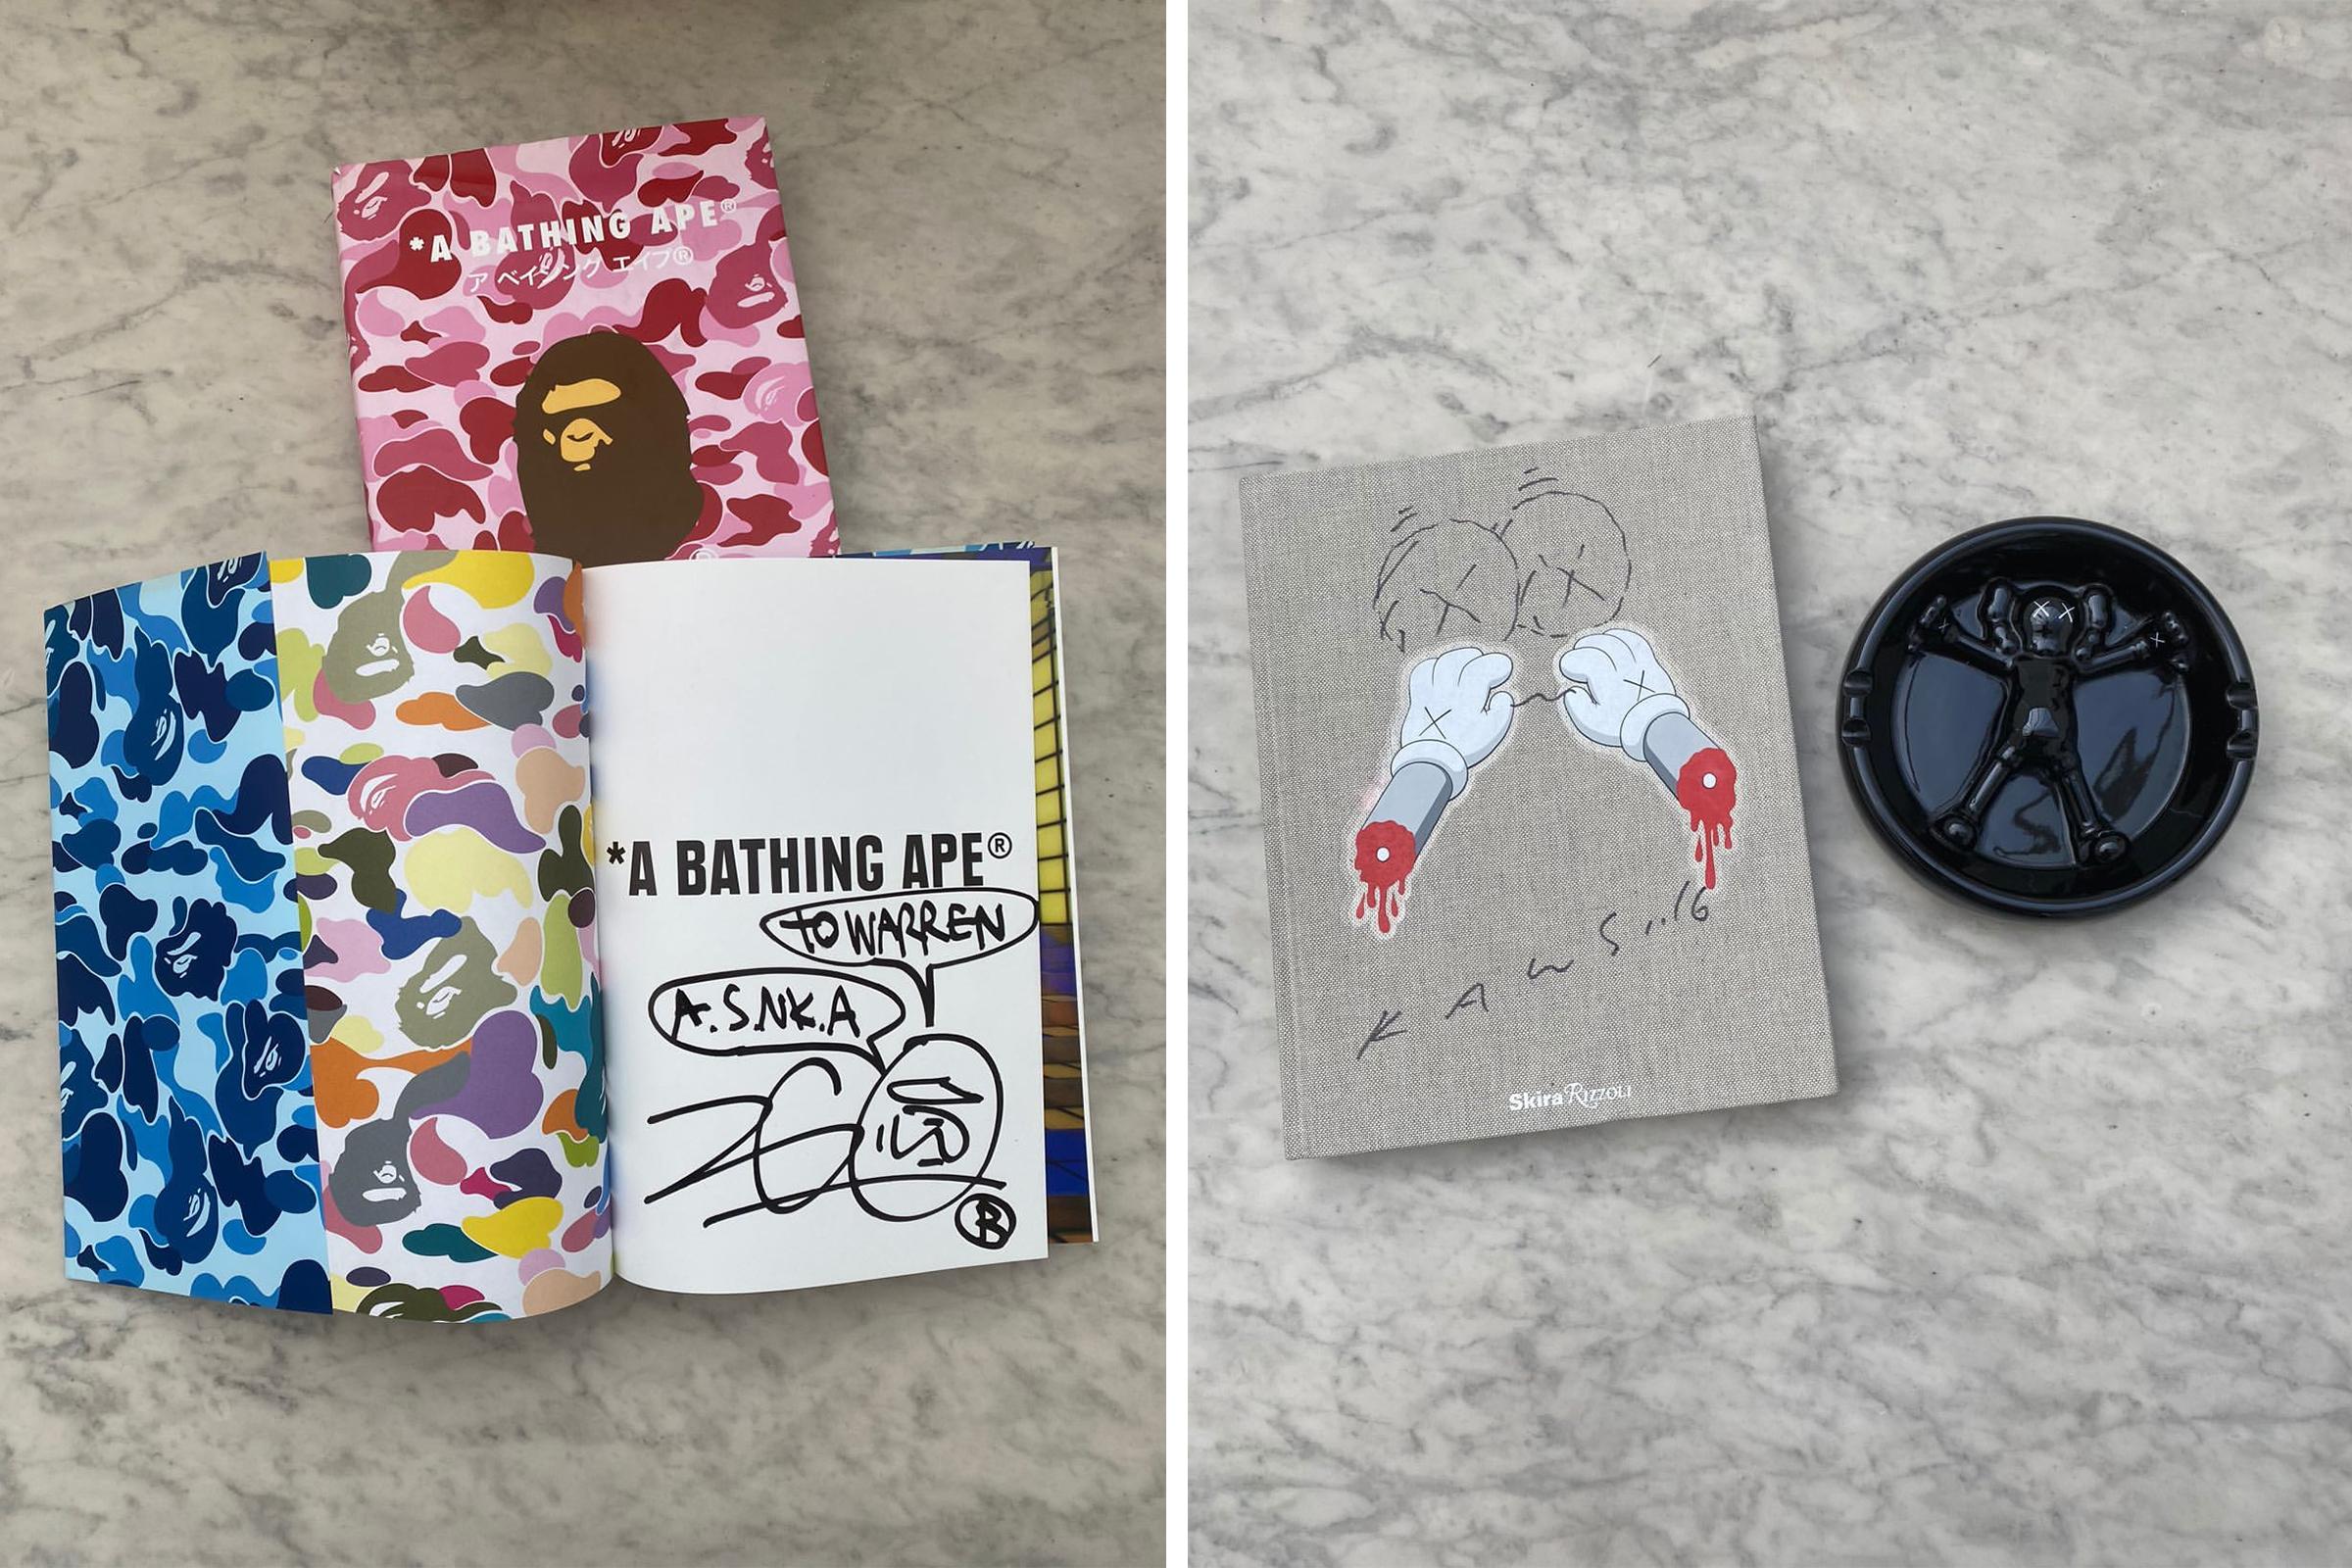 Bape Rizzoli Book  KAWS Rizzoli Book & the 2008 Gallery 1950 ceramic ashtray